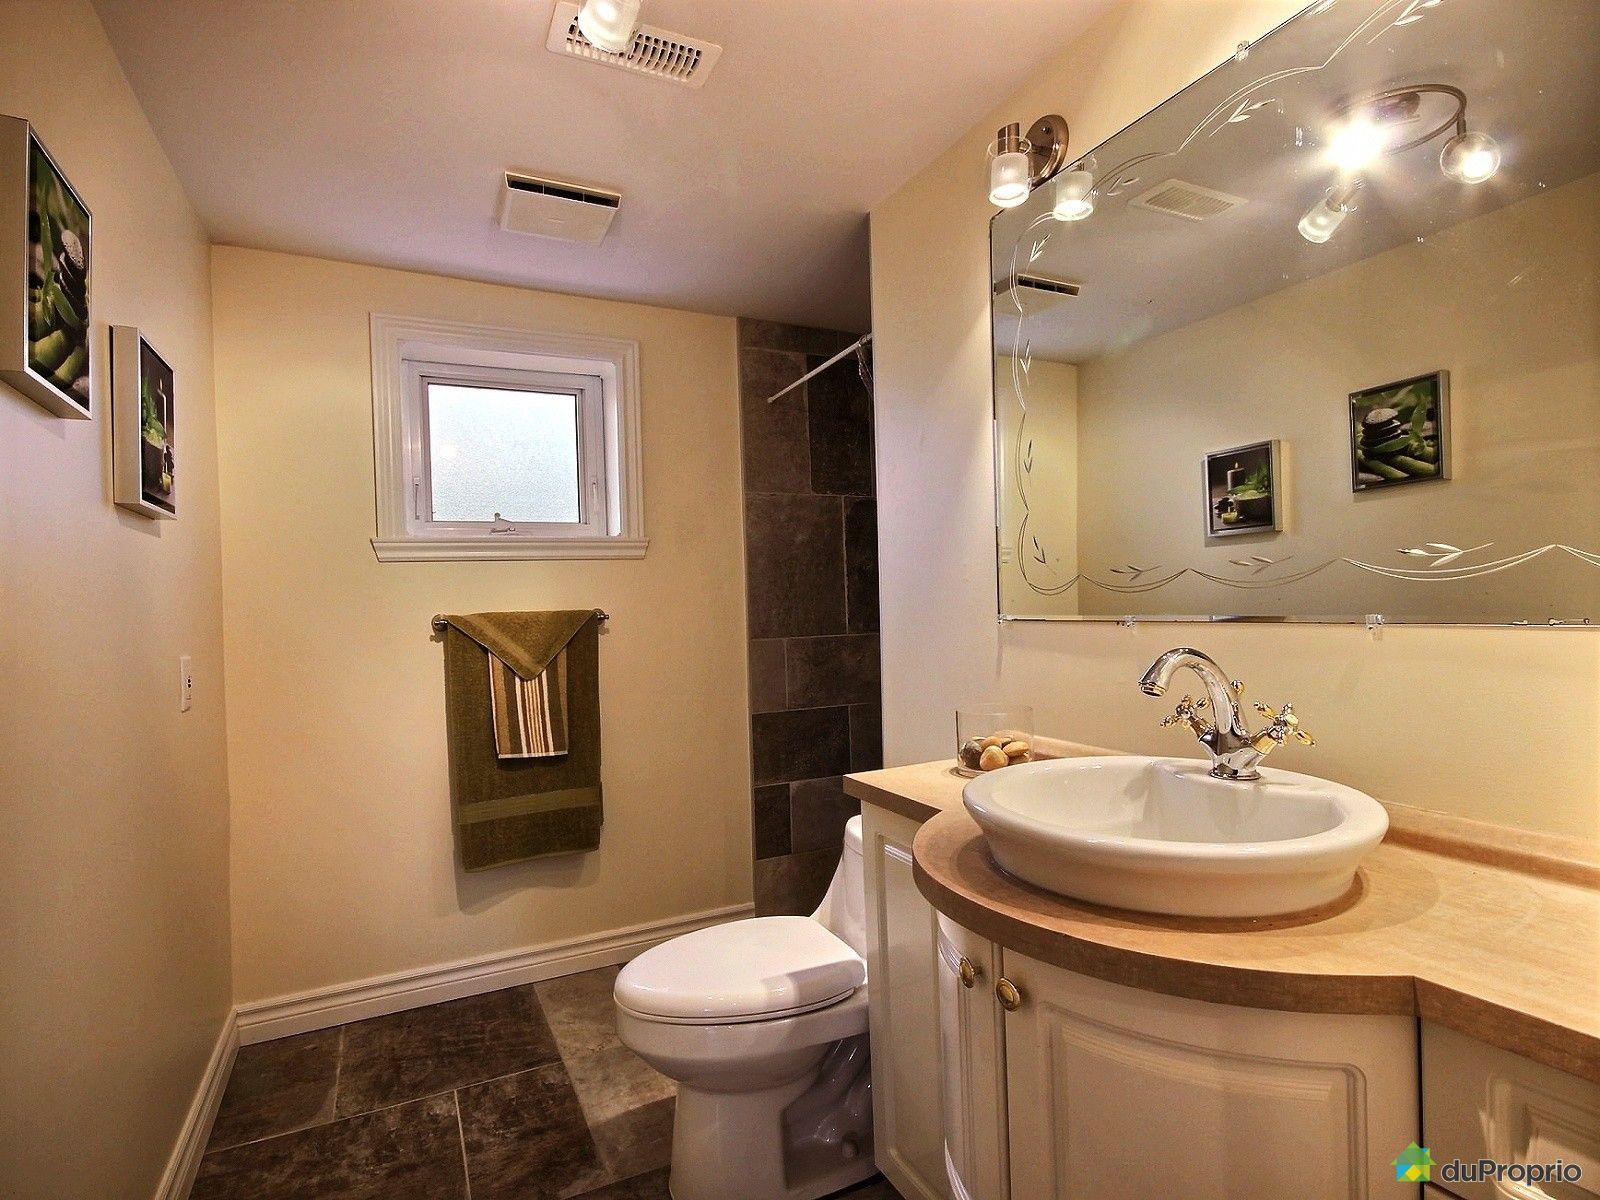 Maison vendu st j r me immobilier qu bec duproprio 601160 for Accessoire salle de bain st jerome